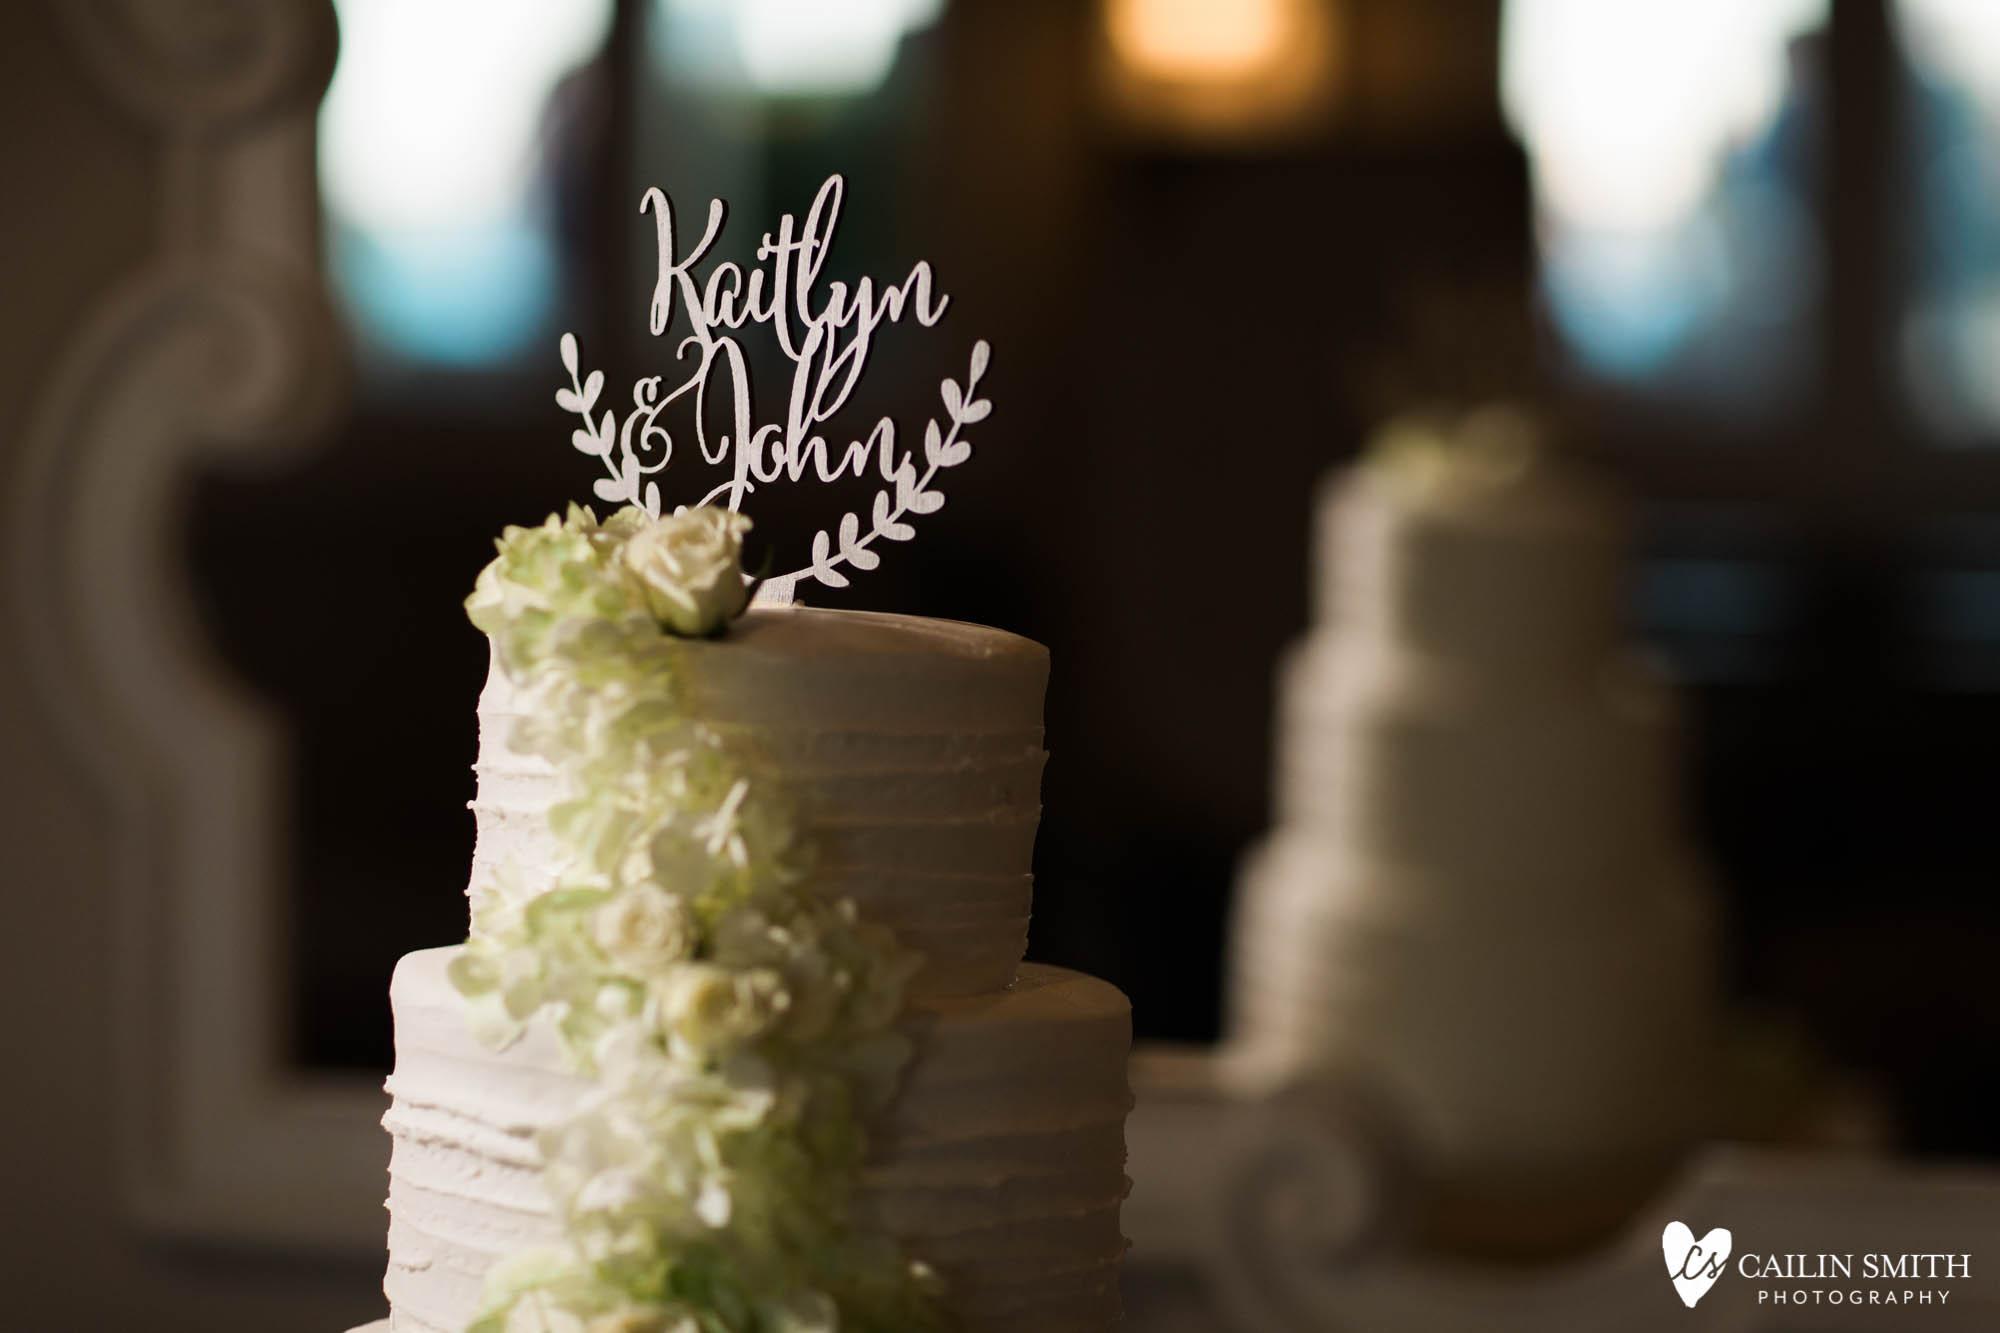 Kaitlyn_John_White_Room_St_Augustine_Wedding_056.jpg